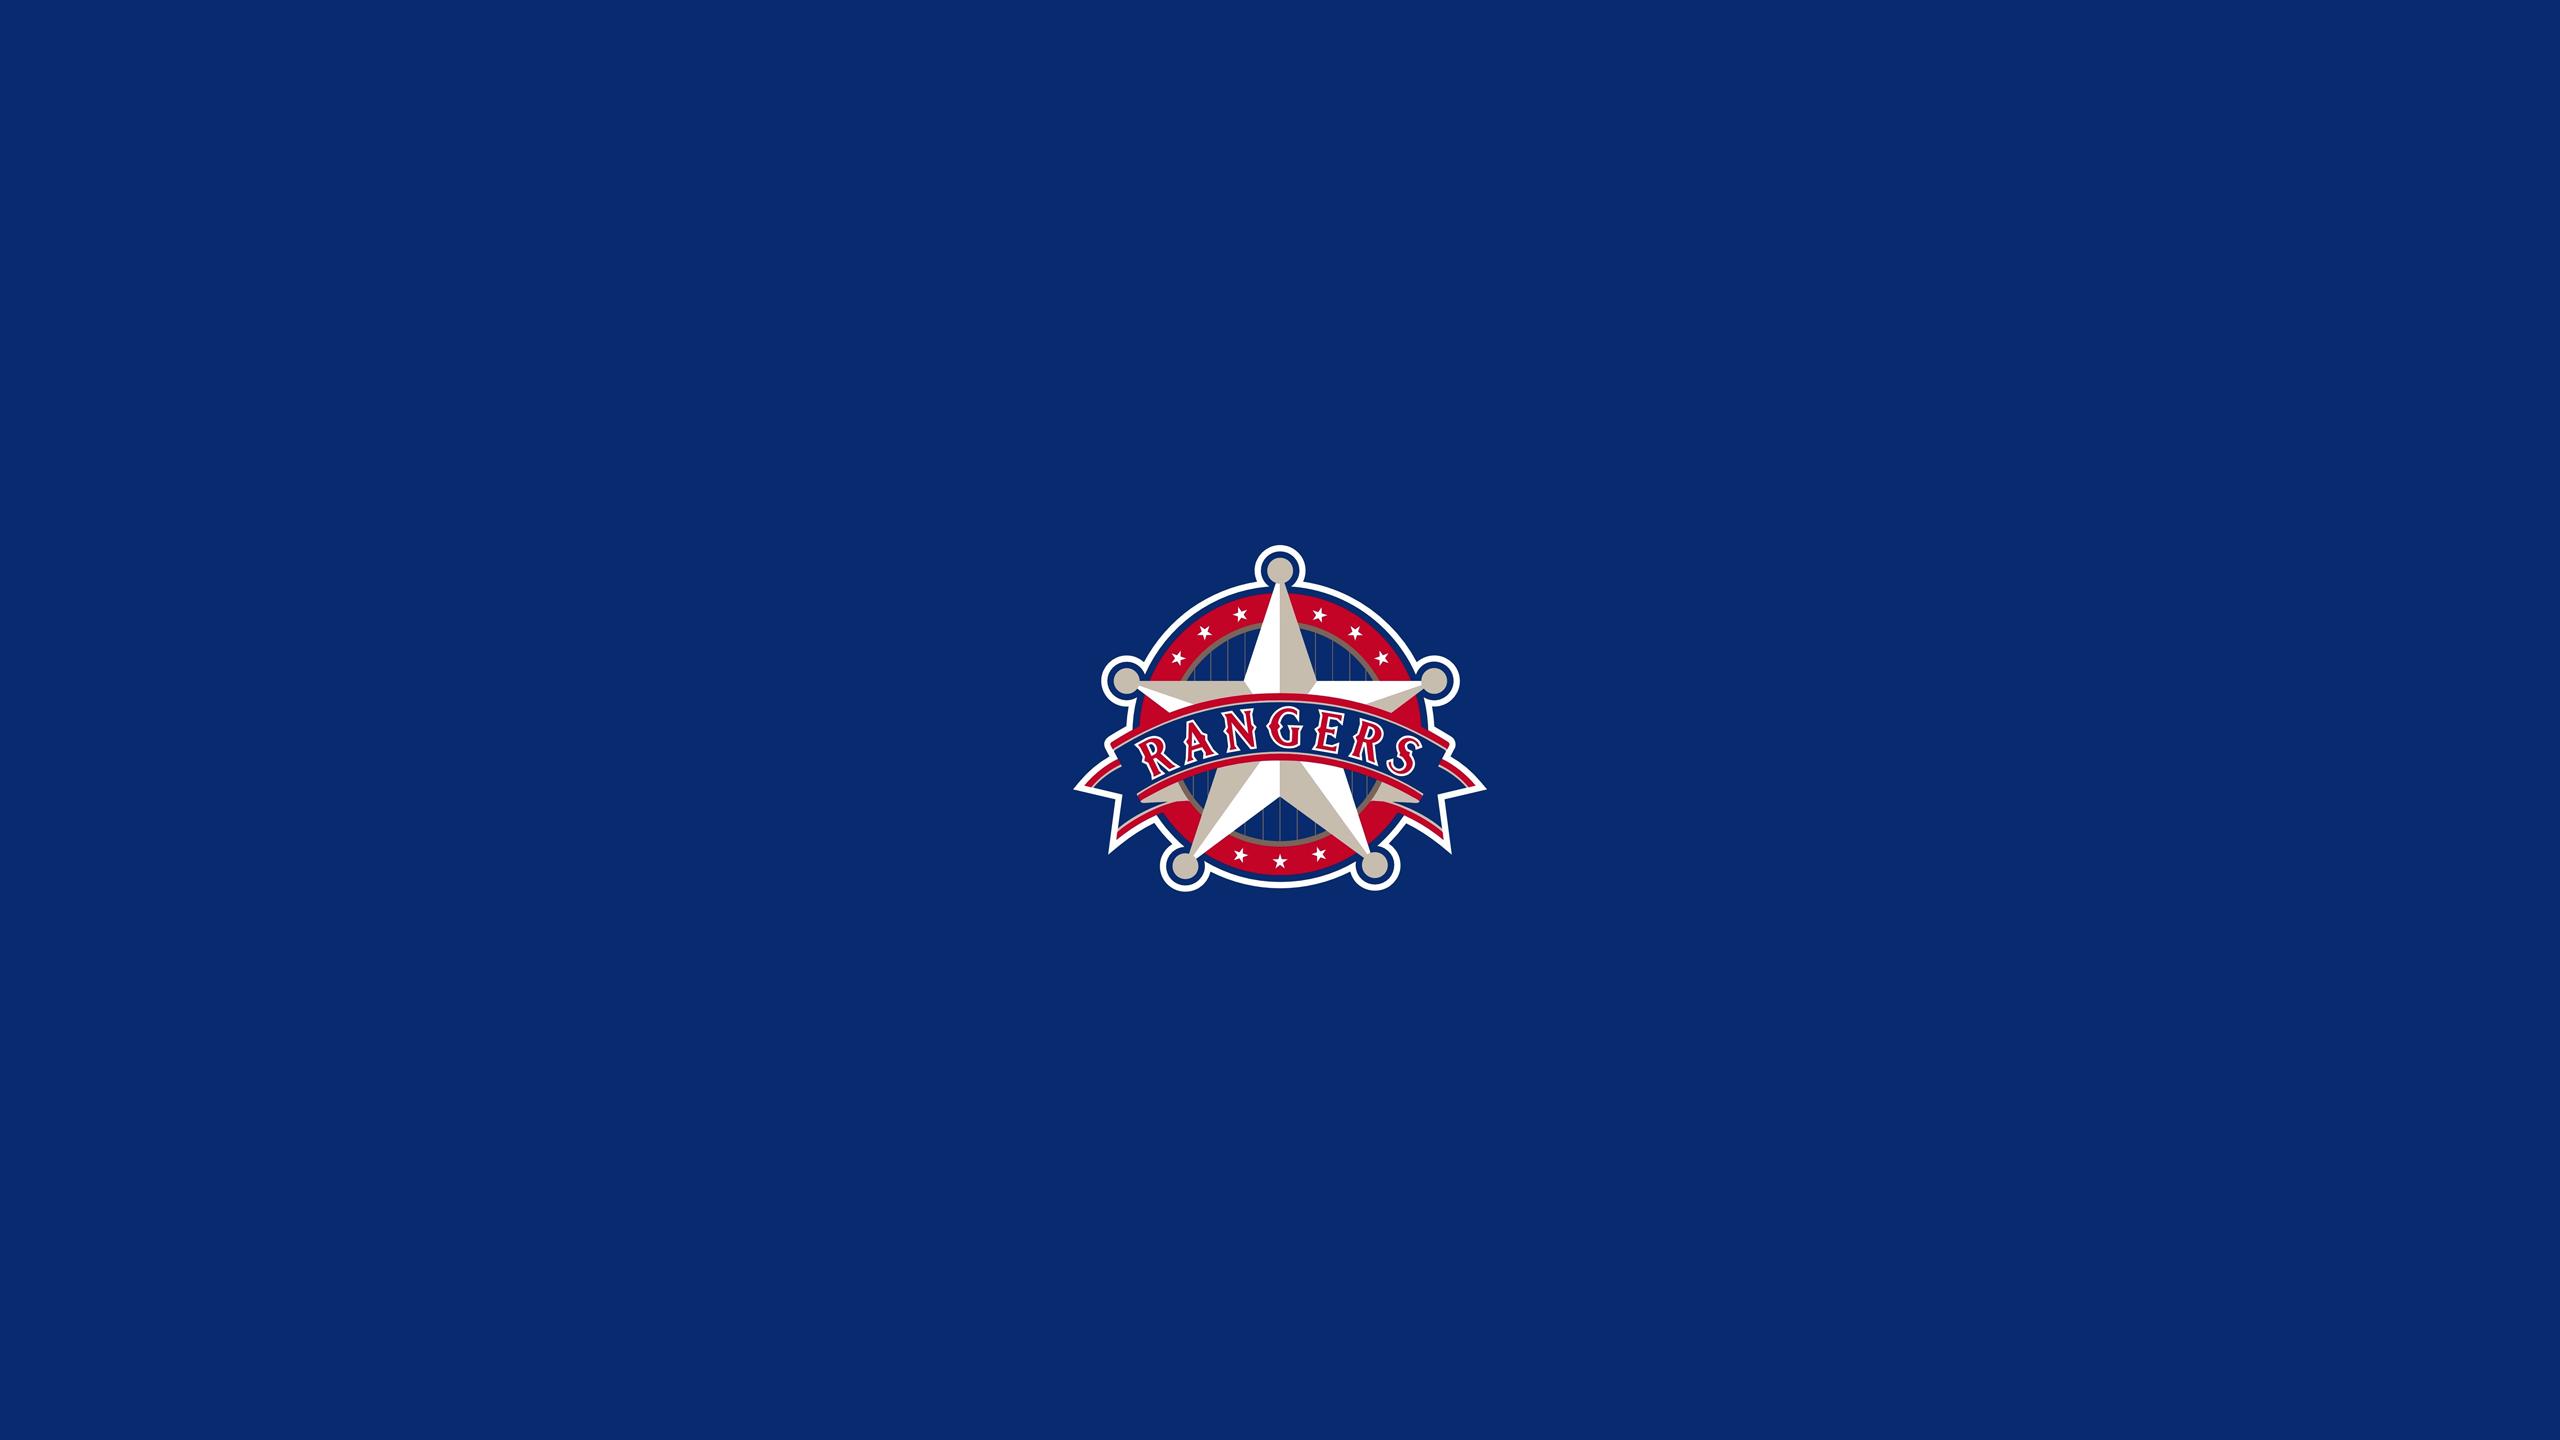 Texas Rangers Wallpaper 13687 2560x1440 px